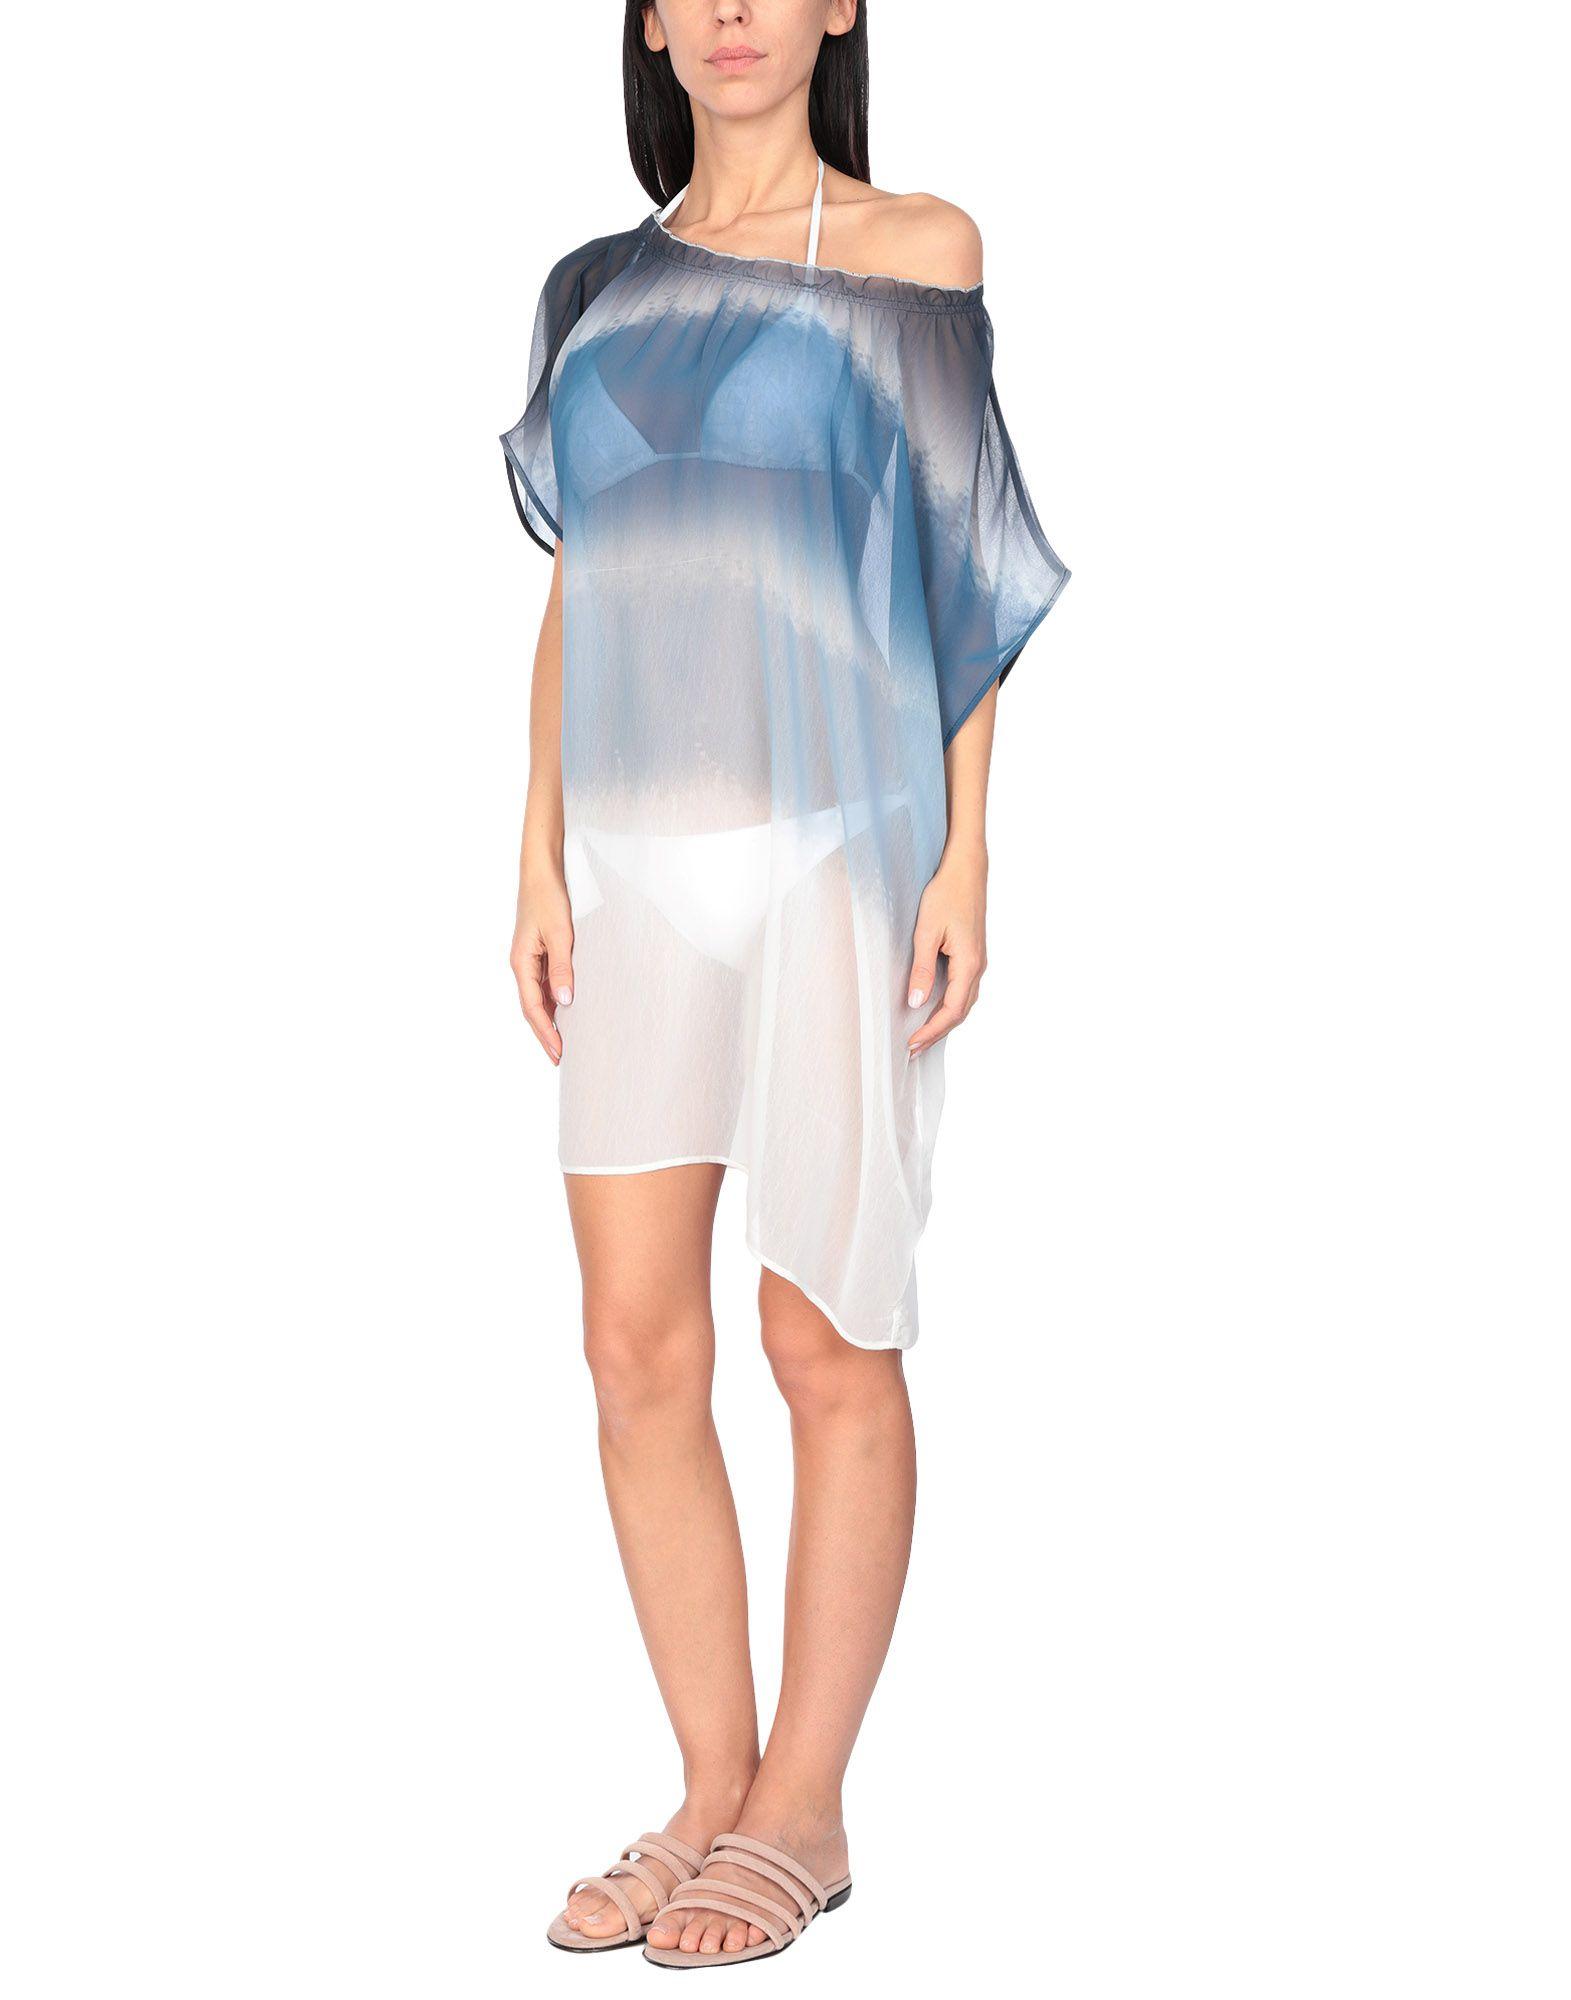 JIJIL Пляжное платье белый барс печати шифон цветочные пряжи microvent ручной платье нитями ткани